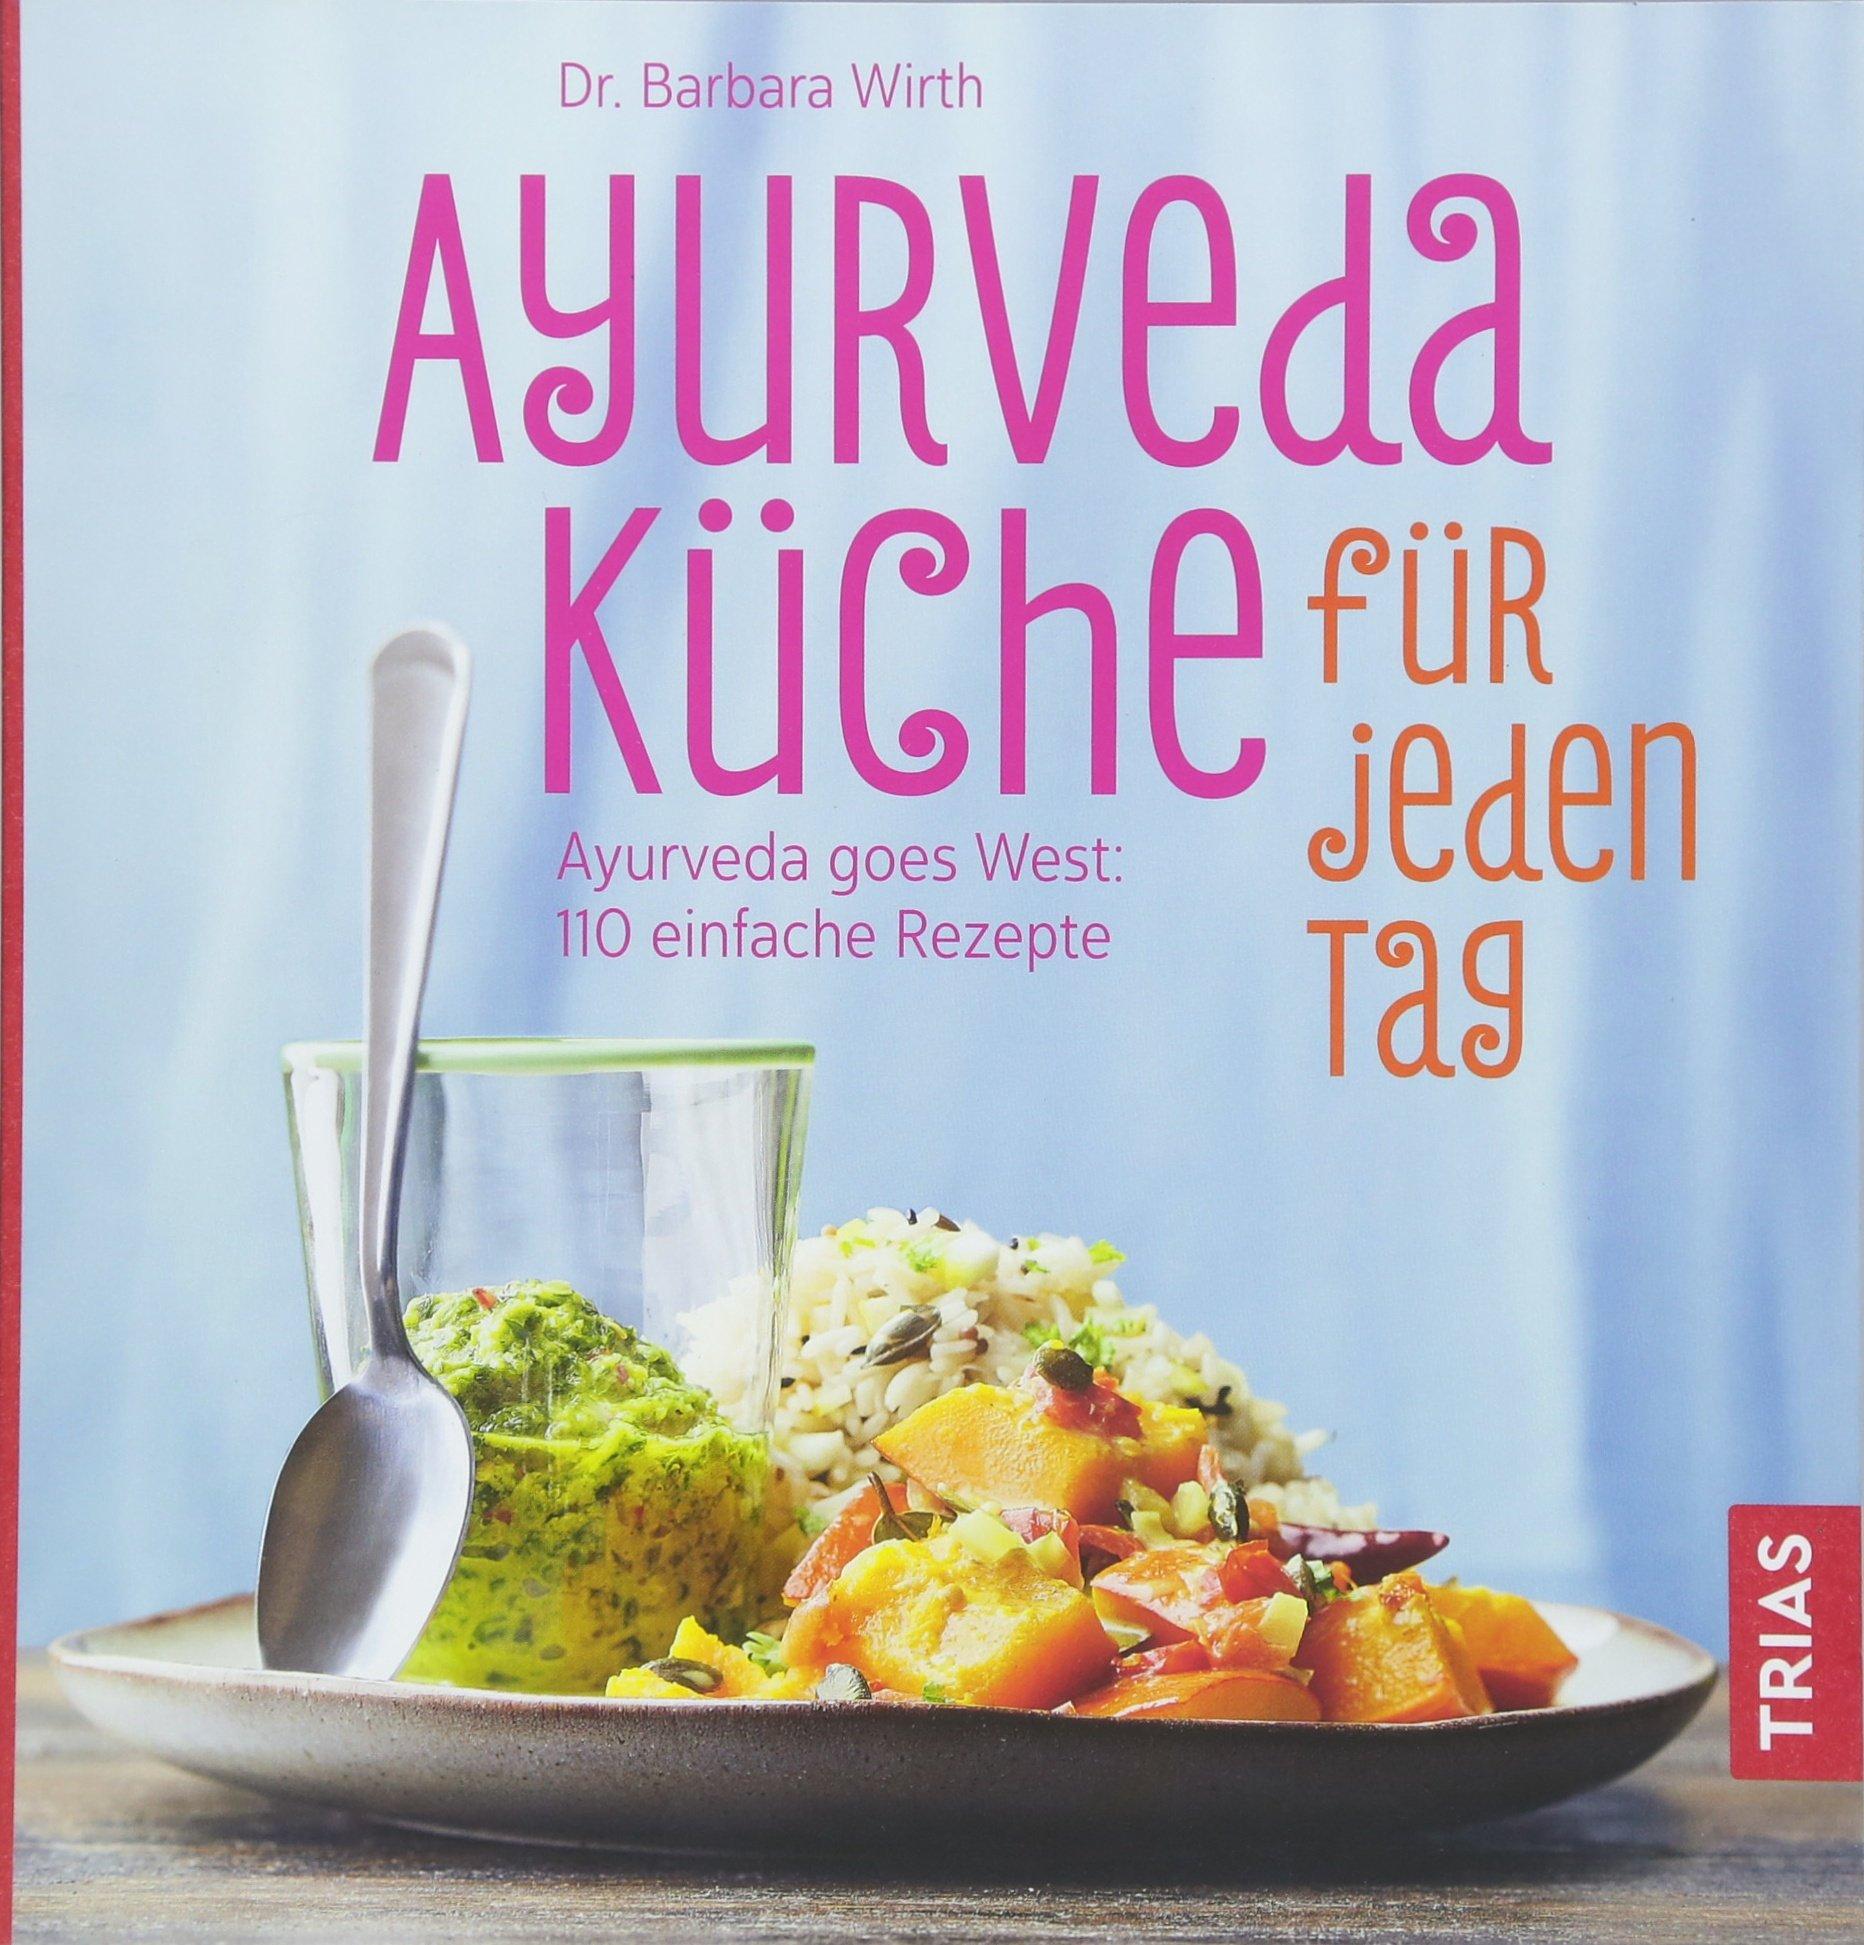 Berühmt Ayurvedische Küche Rezepte Bilder - Heimat Ideen ...